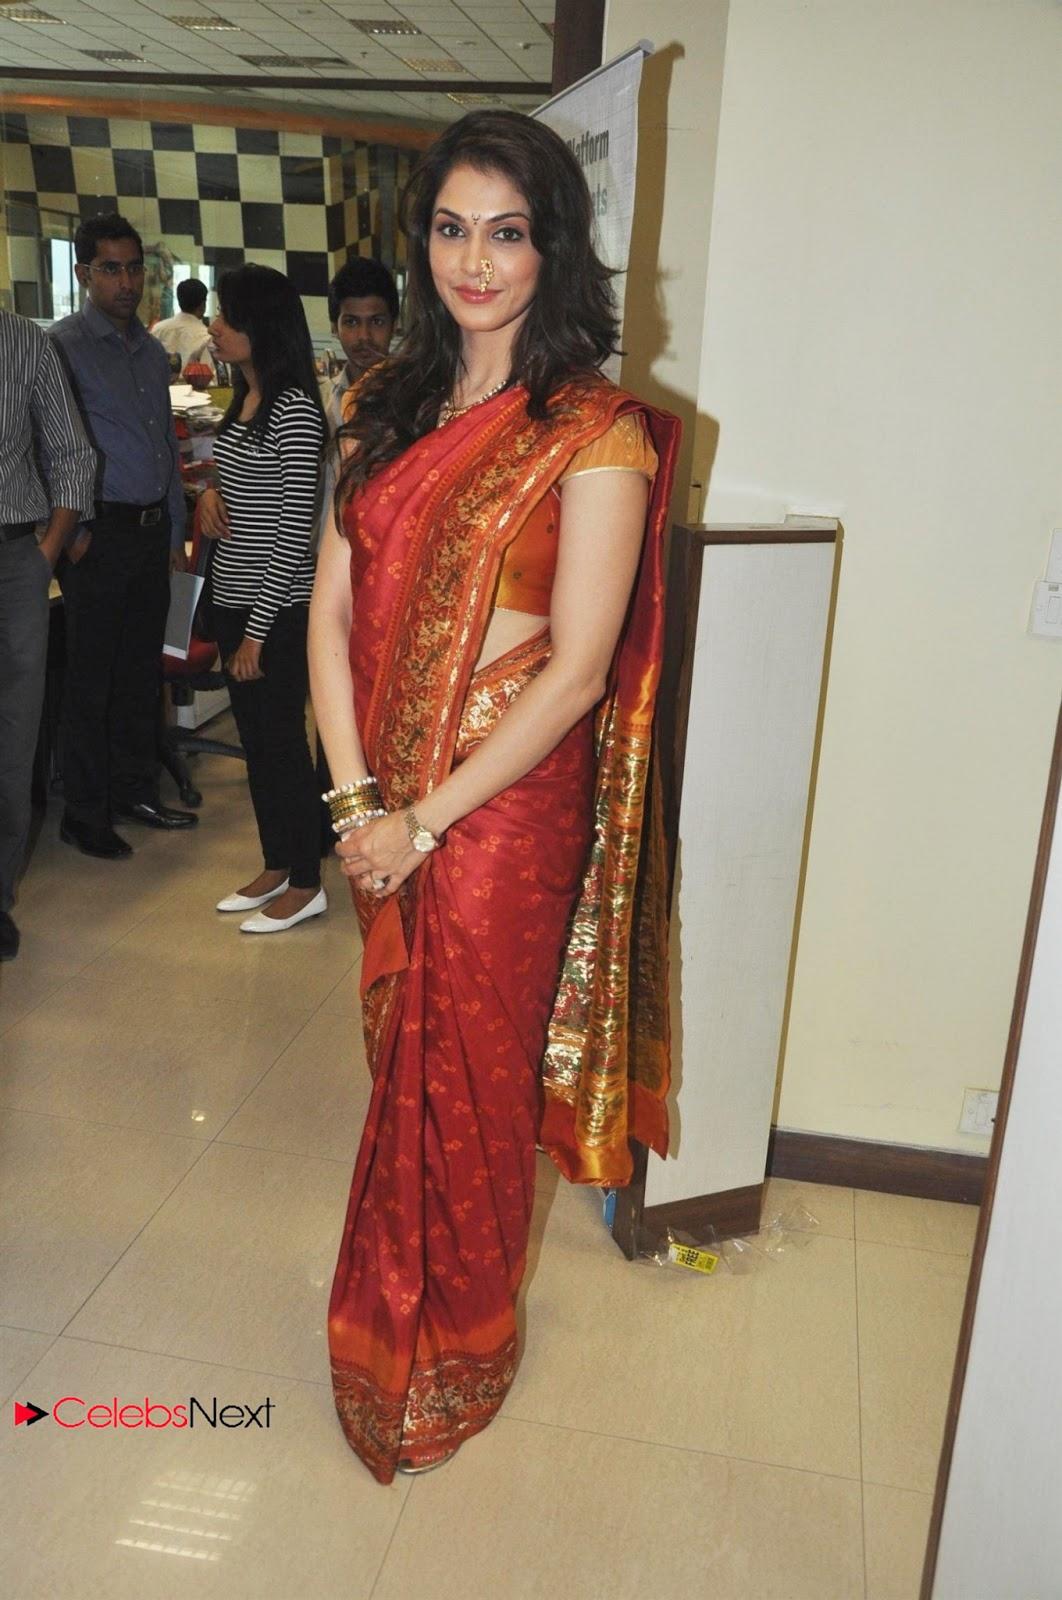 http://2.bp.blogspot.com/-1AlOPffvXQ0/UWkA_cXgDrI/AAAAAAAAZhw/iENjQre5REE/s1600/Isha+Kopikar+Psuperos+in+Saree+Celebrating+GUDI+PADWA+at++Big+FM+Studio+in+Mumbai+CelebsNext+0008.jpg